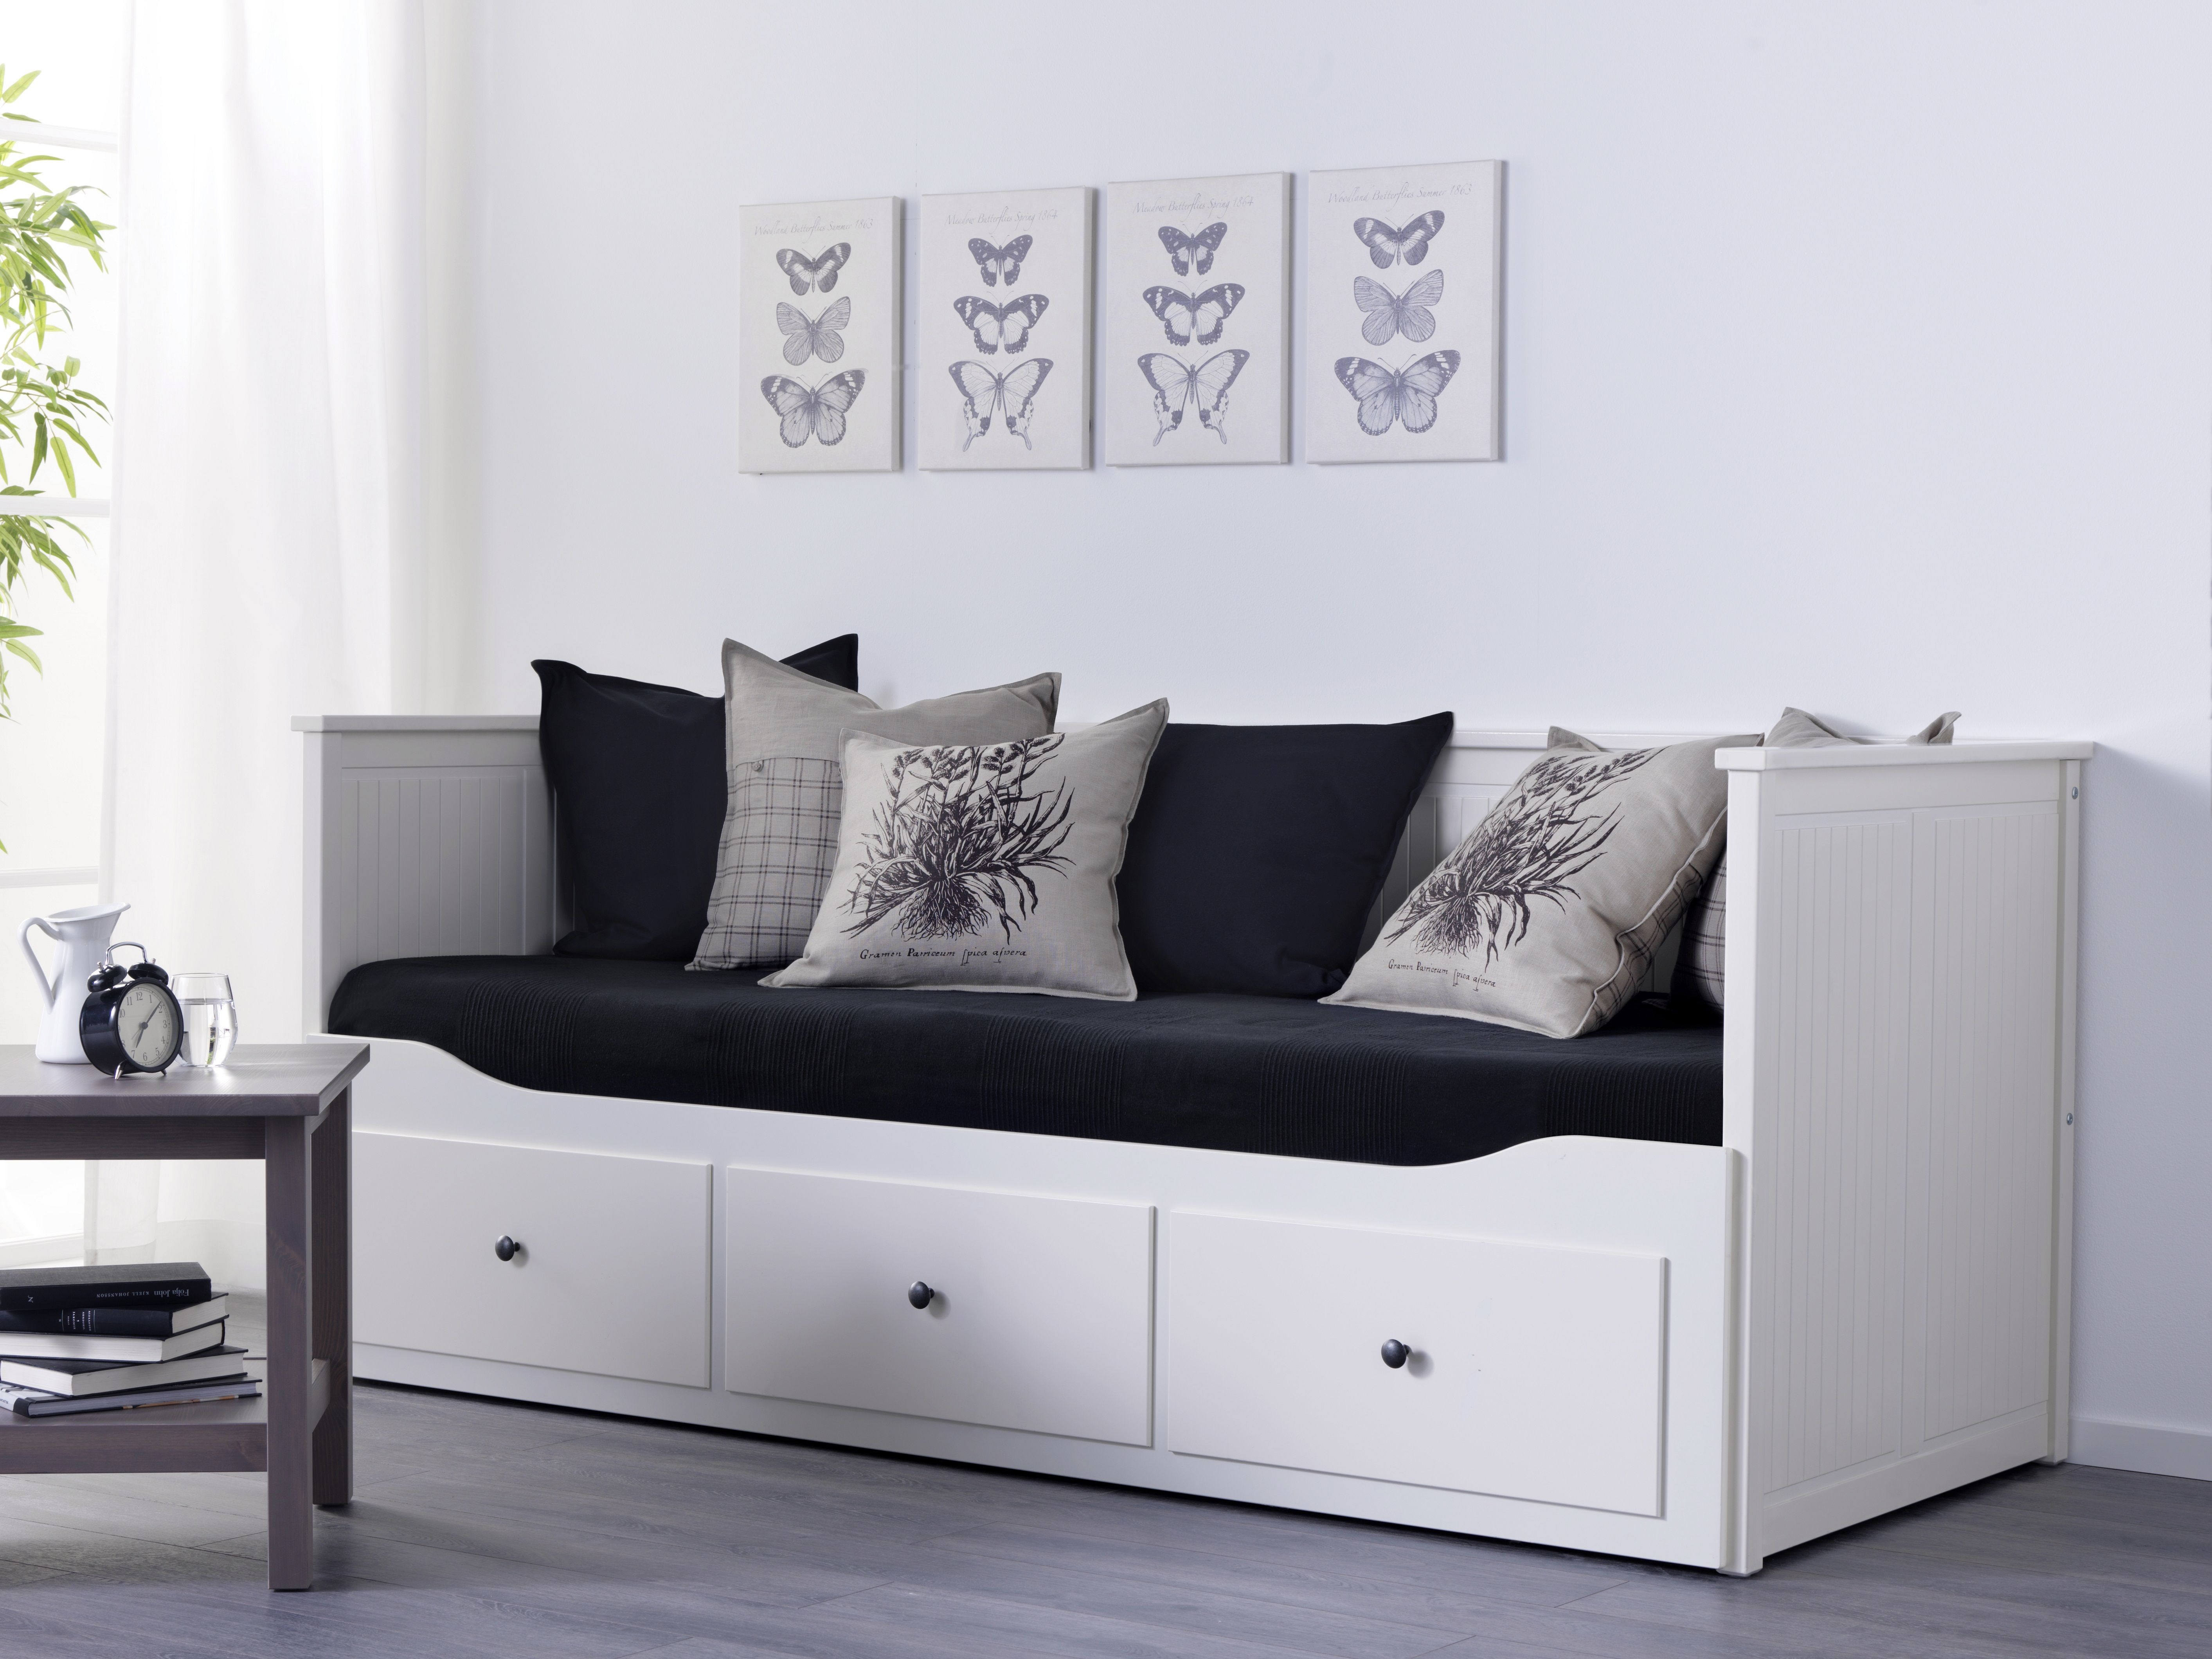 Hemnes bedbank #ikea #ikeanl #wit #eenpersoonsbed #tweepersoonsbed